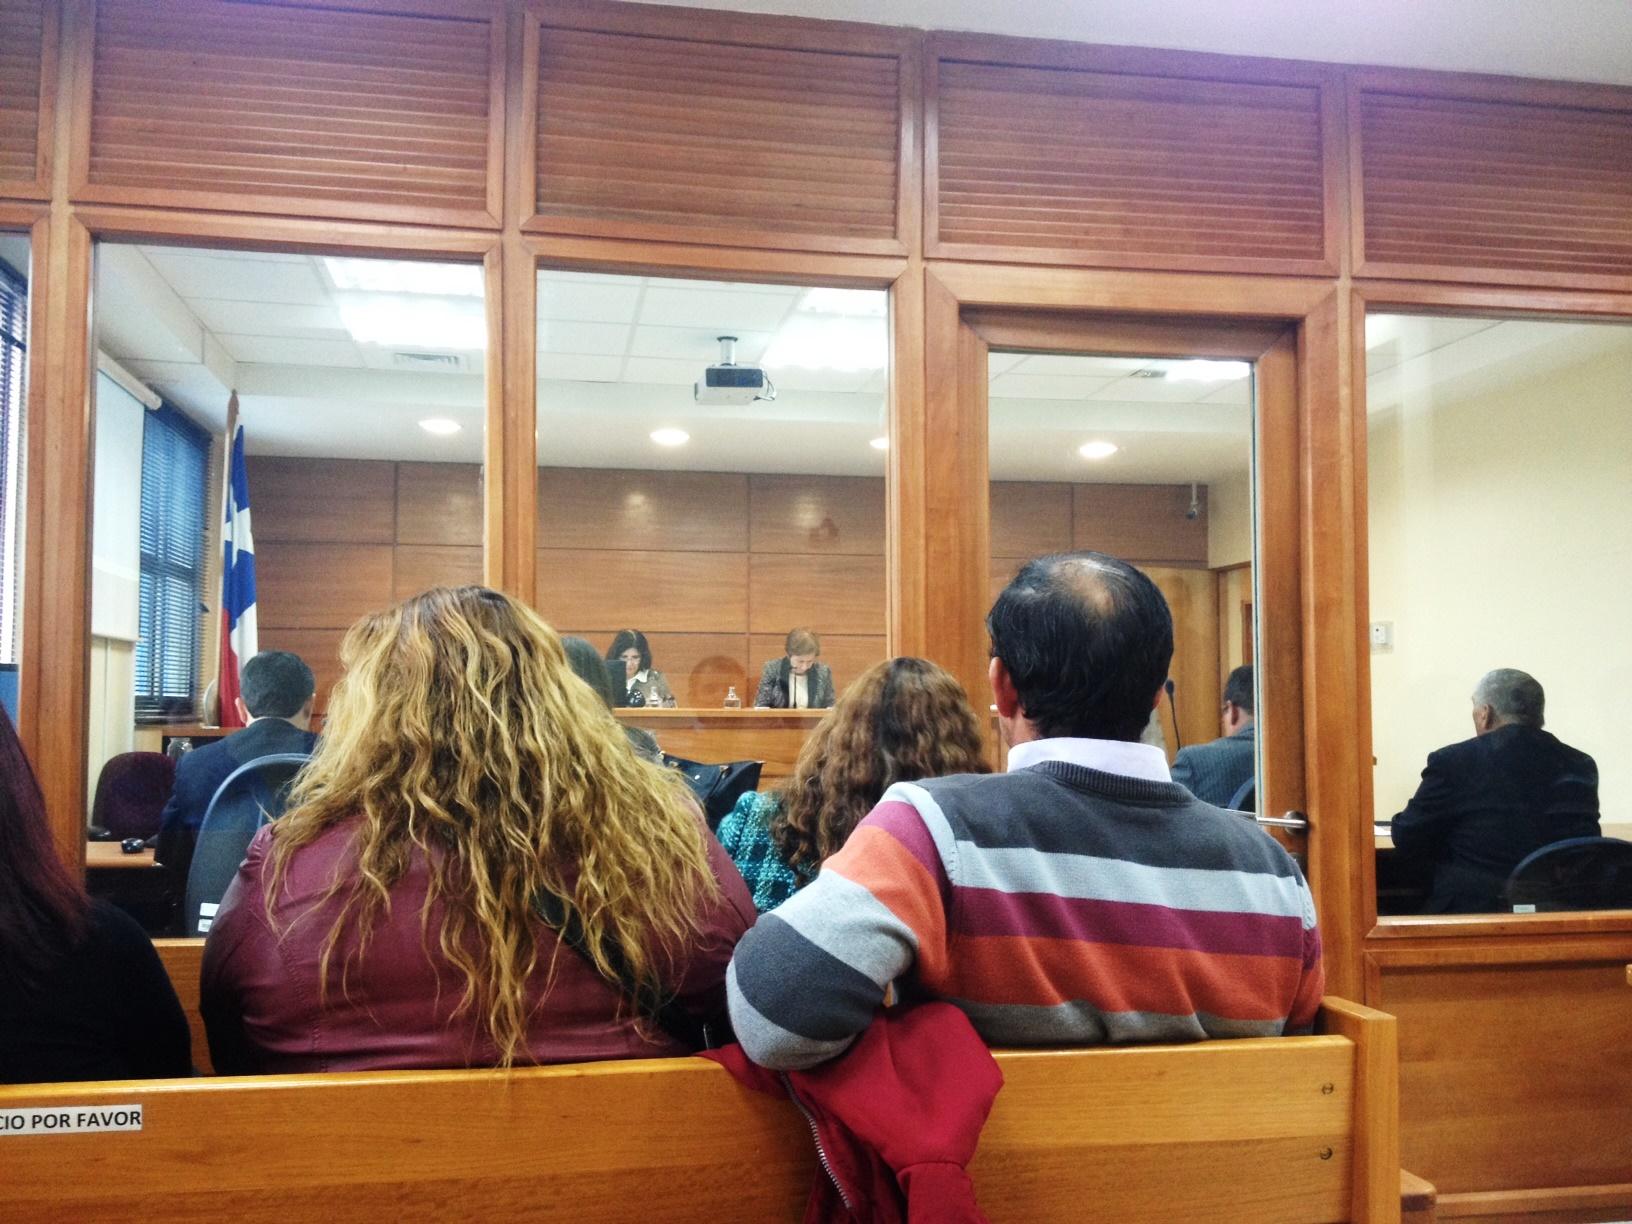 Concepción: Comienza juicio contra pastor evangélico acusado de abusar sexualmente de tres jóvenes